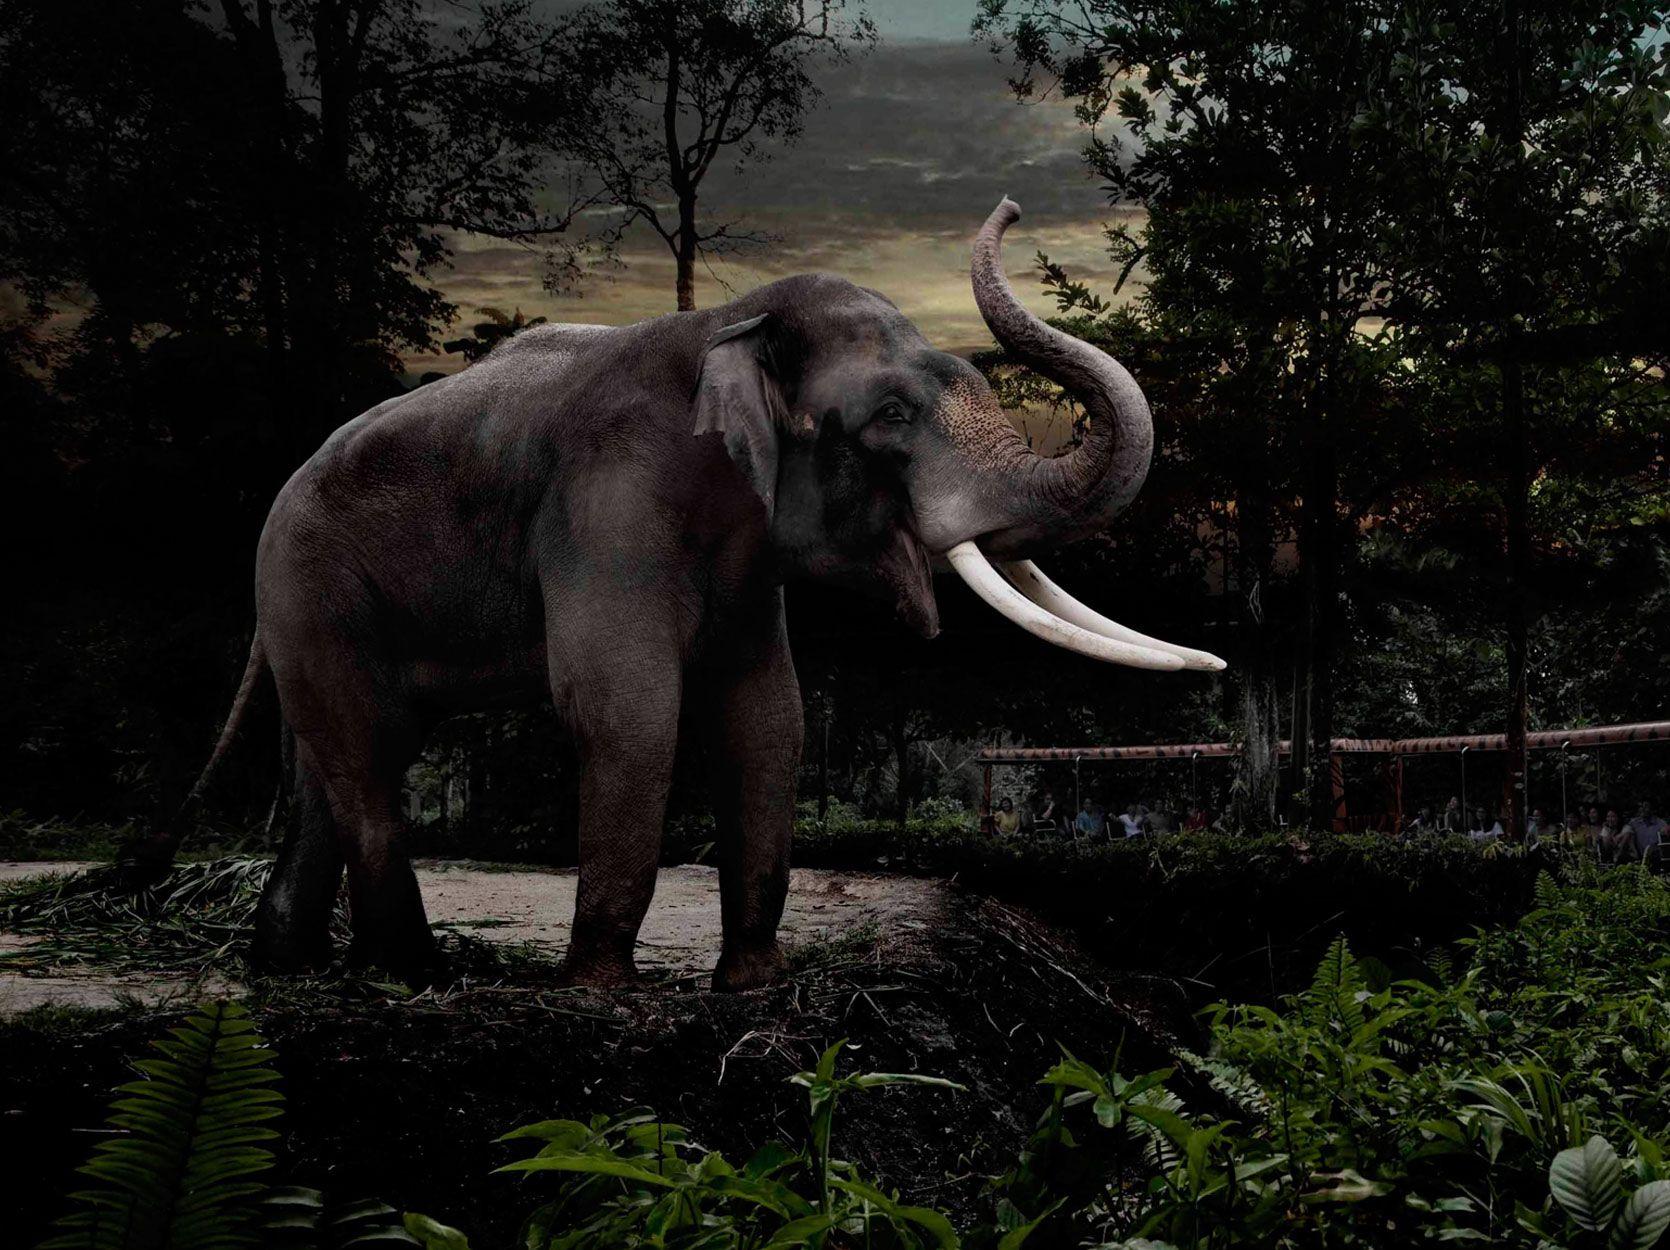 About Night Safari In 2020 Travel Tour Companies Singapore Tour